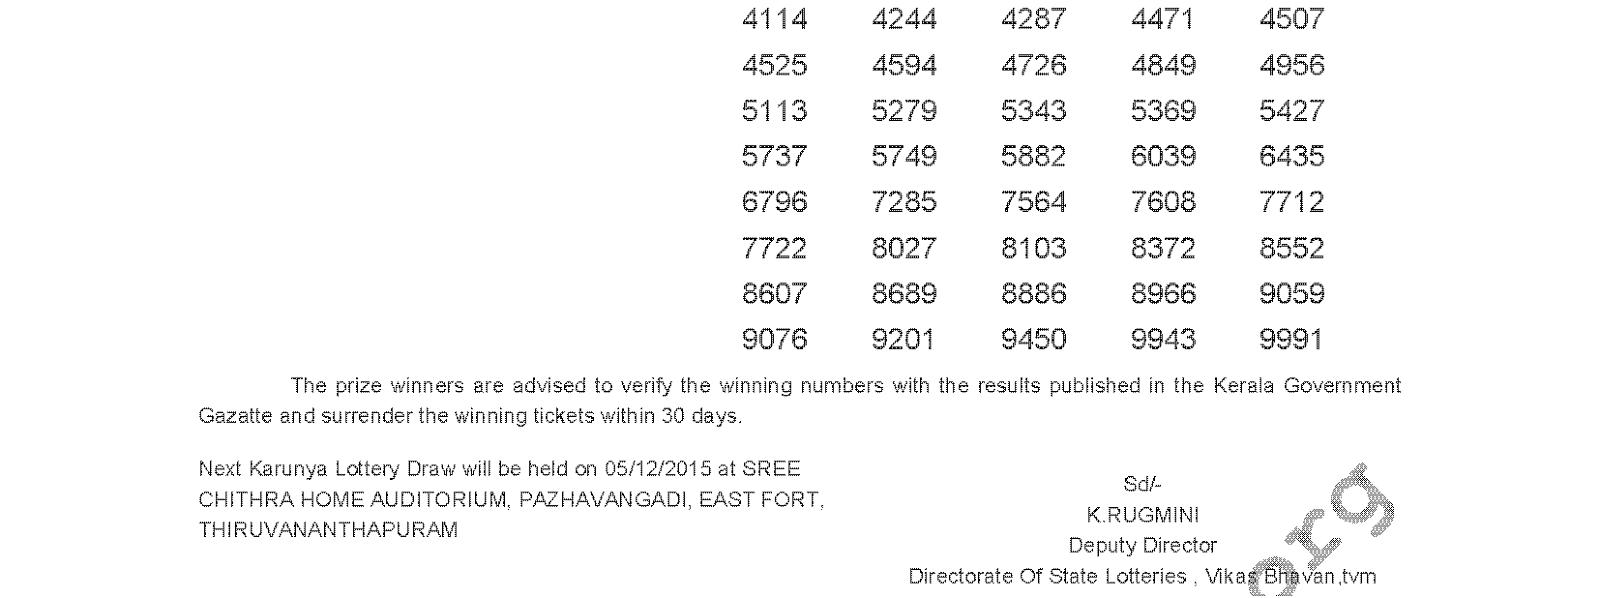 Karunya Lottery KR 217 Result 28-11-2015